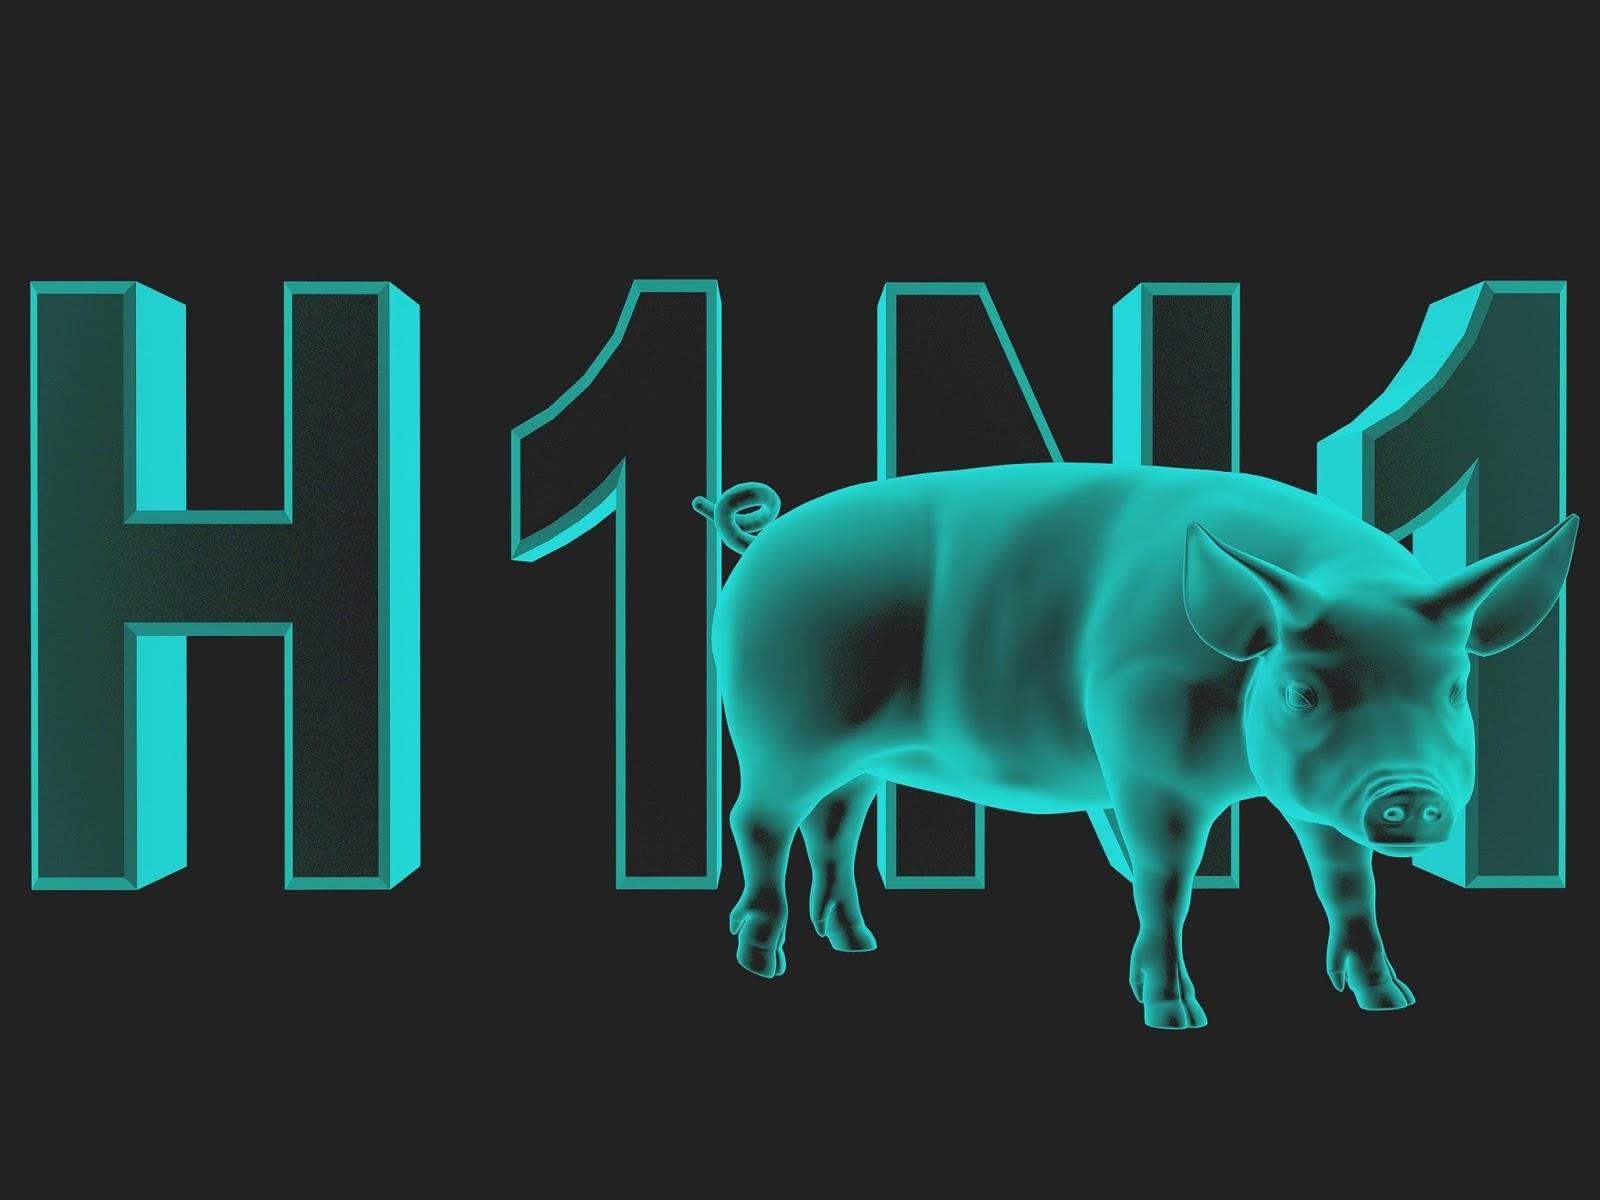 11/01/2019 ყველაზე მძიმე დღე, 2019 წლის დაწყების შემდეგ დღეს 3 ადამიანი გარდაიცვალა H1N1-ით